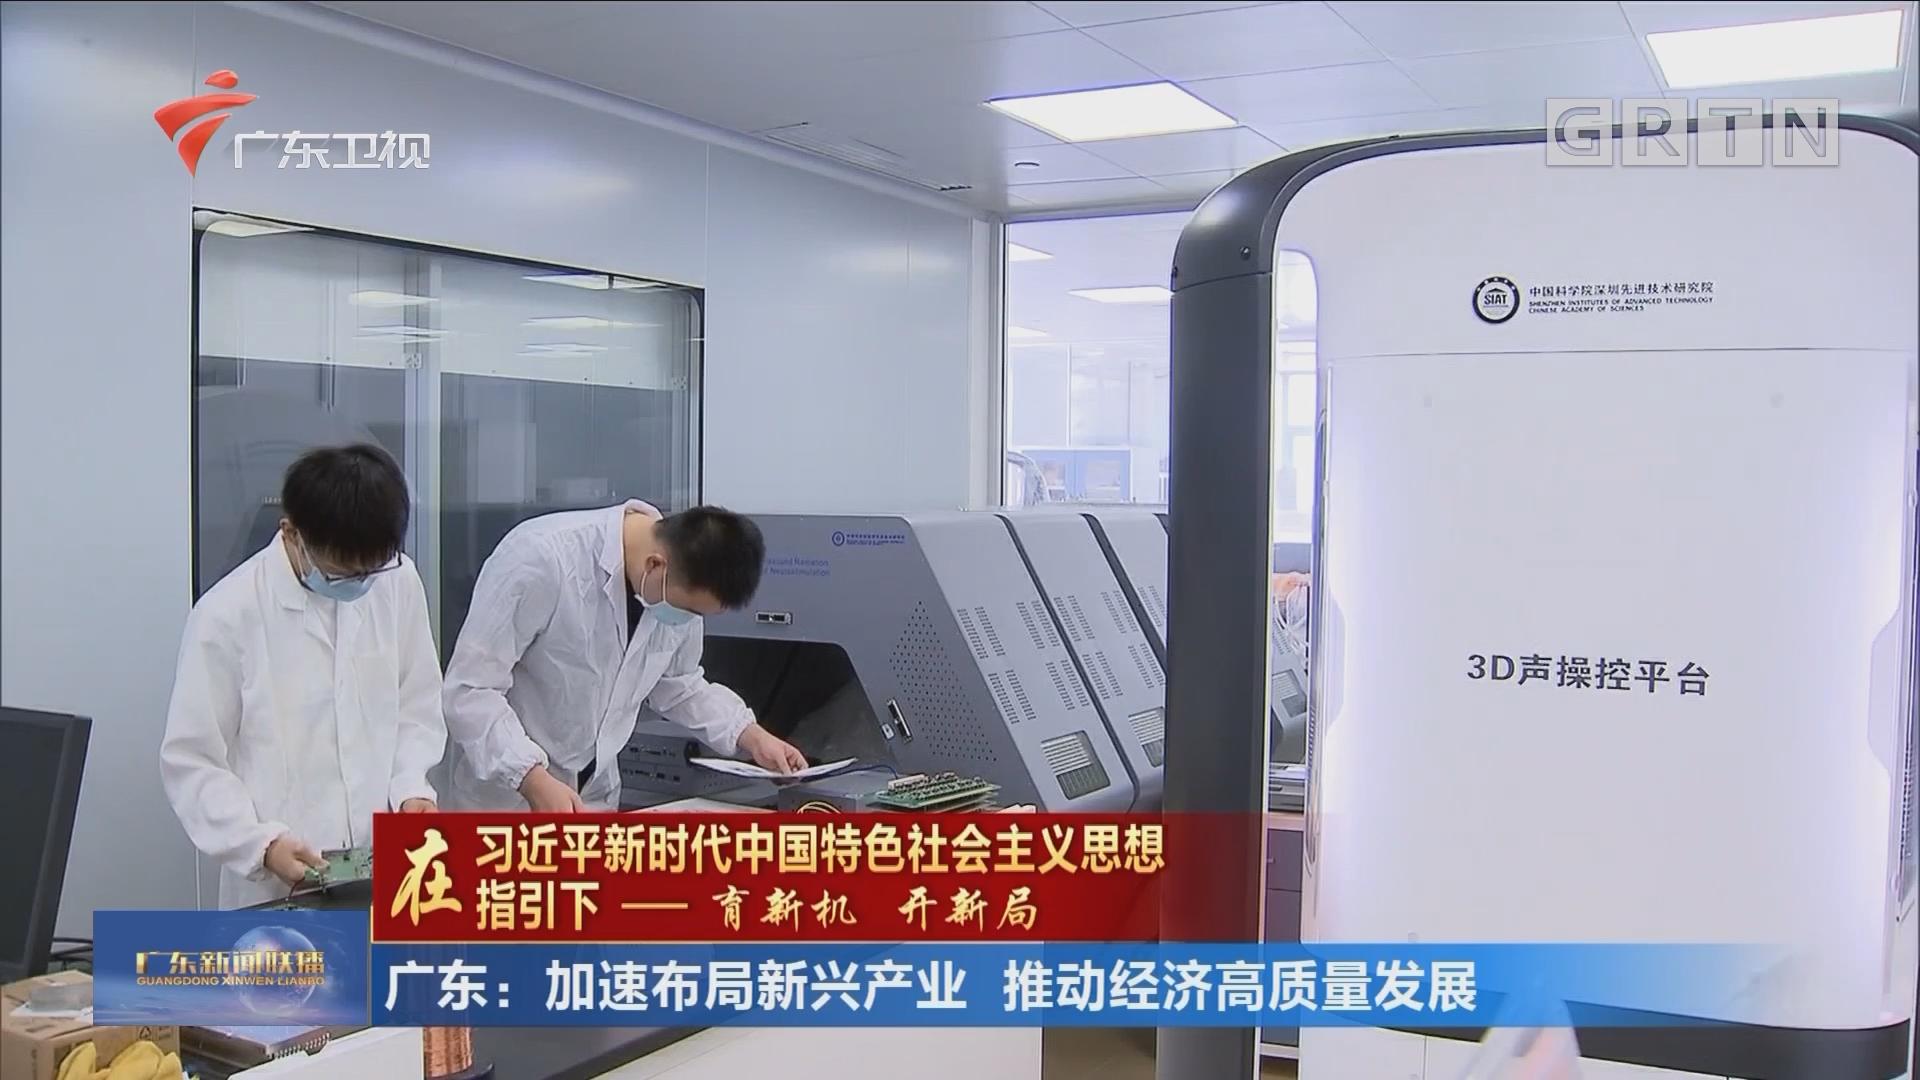 广东:加速布局新兴产业 推动经济高质量发展